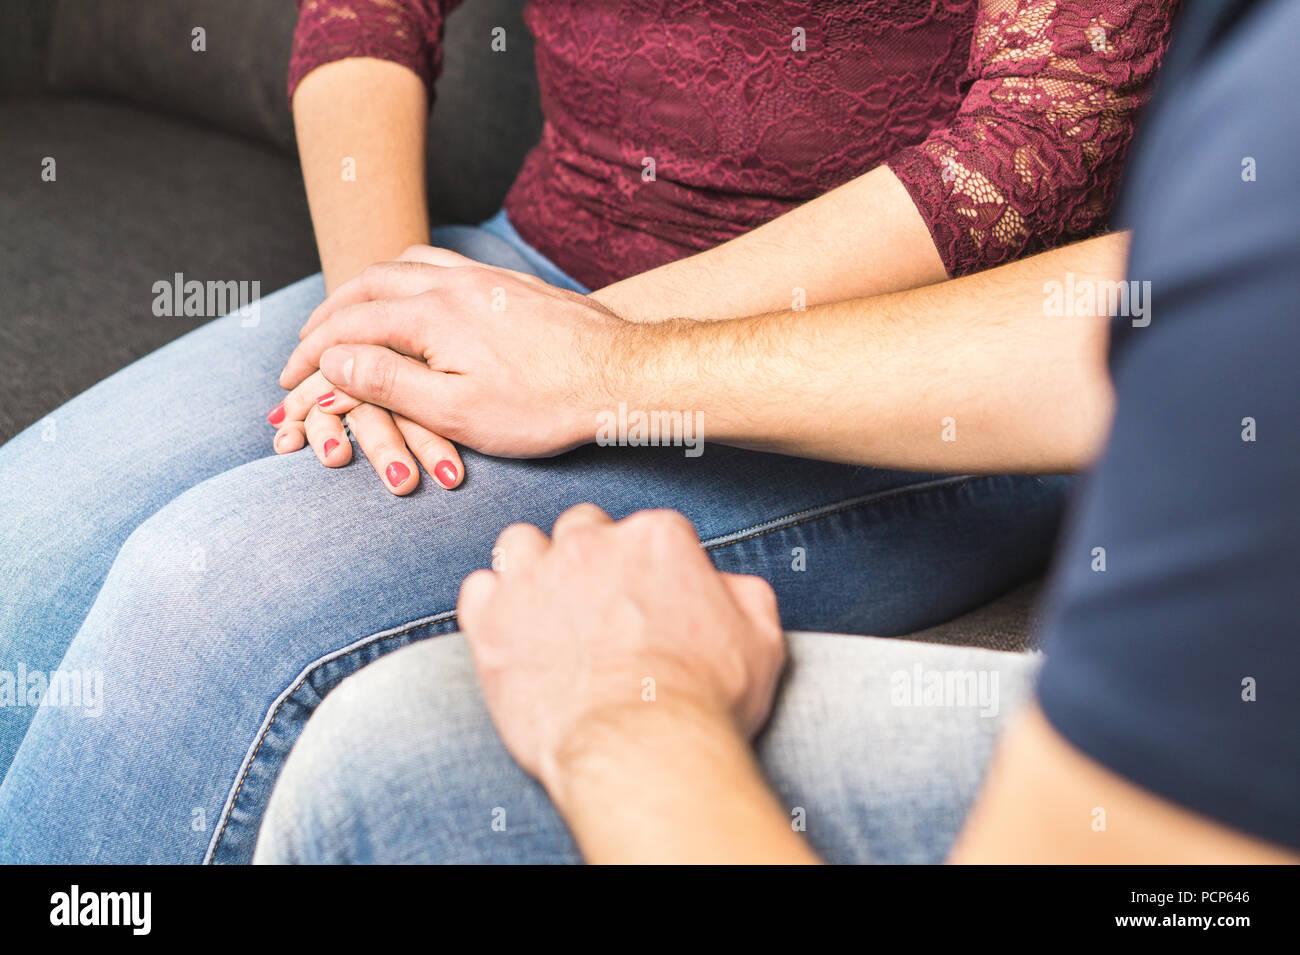 Novio disculpas a la novia. La pareja se apoyan mutuamente. Reconfortante o diciendo malas noticias. Joven Mujer sosteniendo la mano y reconfortante. Imagen De Stock